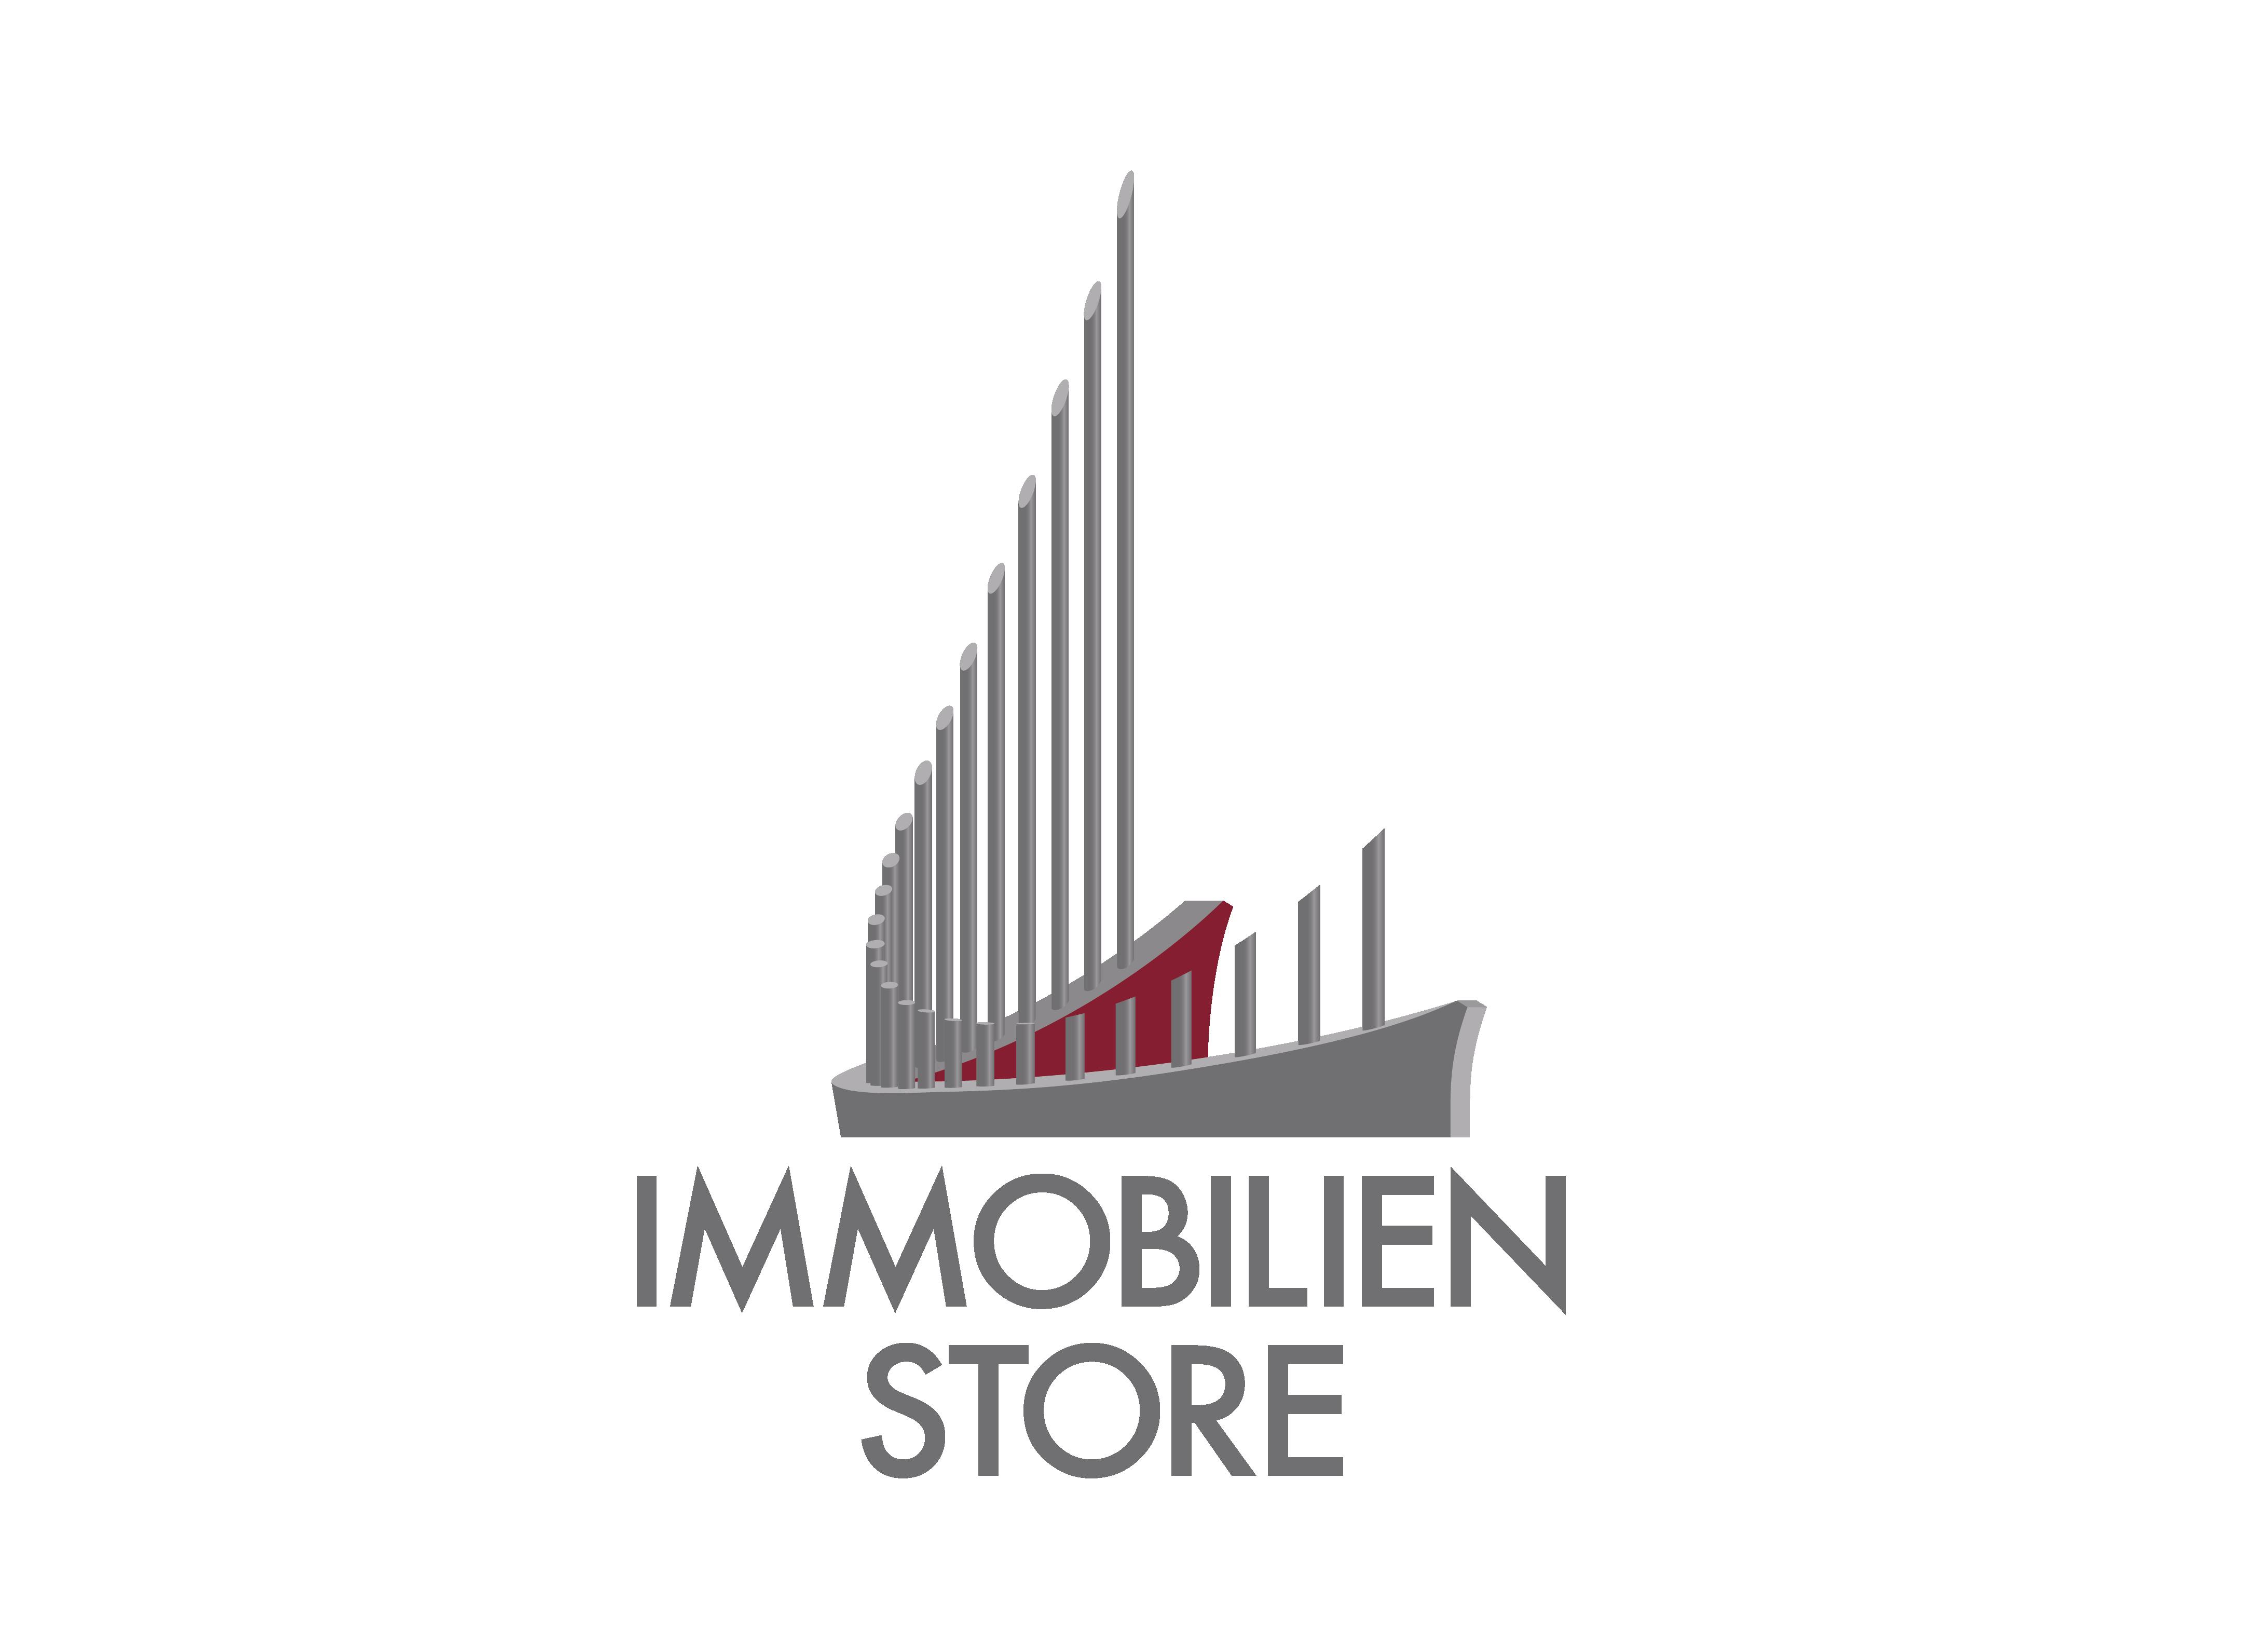 Hier sehen Sie das Logo von Immobilien Store